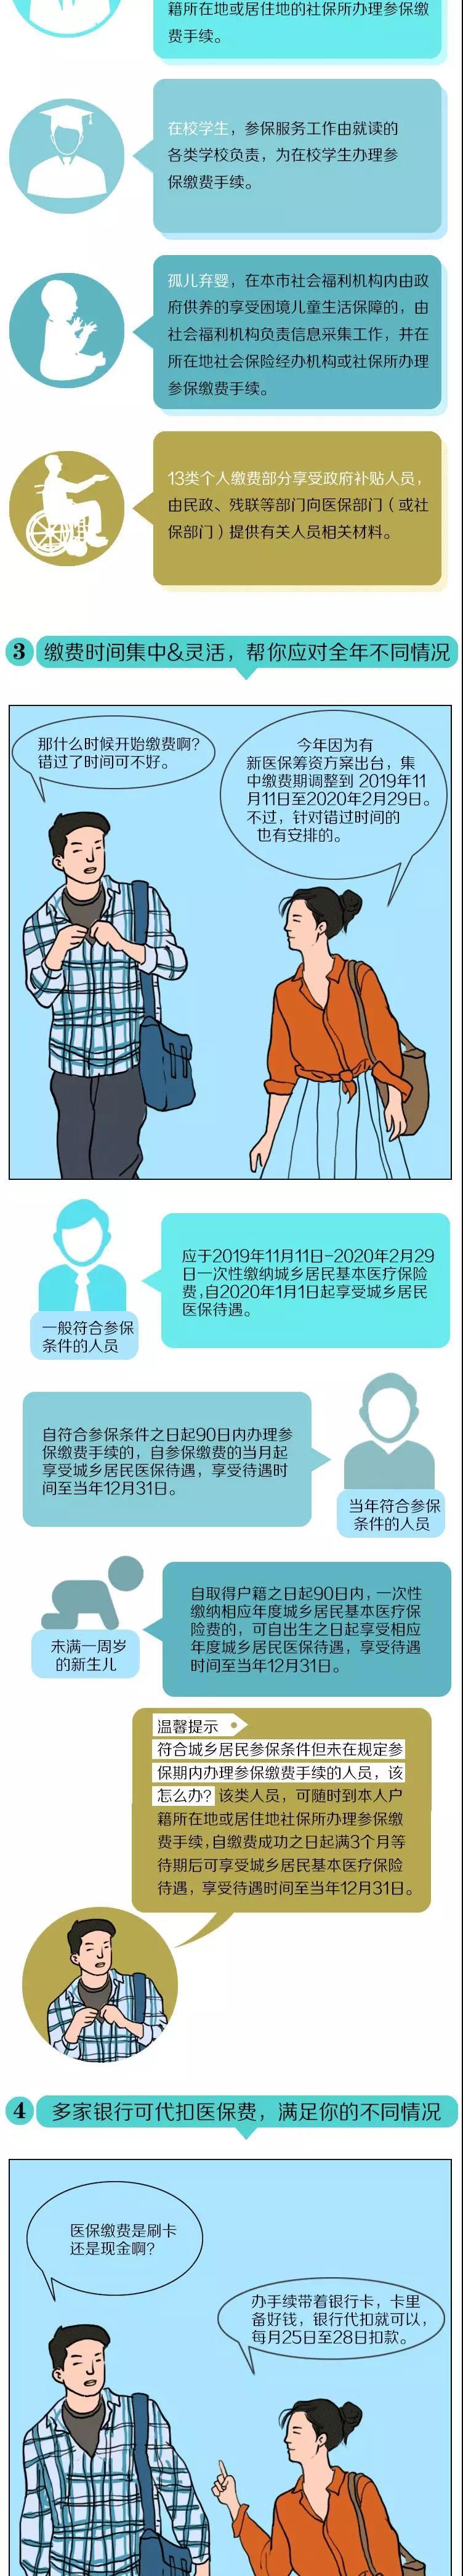 新宝6怎么注册账号,吴昕在≪我家那闺女≫中曝光化妆台,而她最爱的保养品,果然是它!